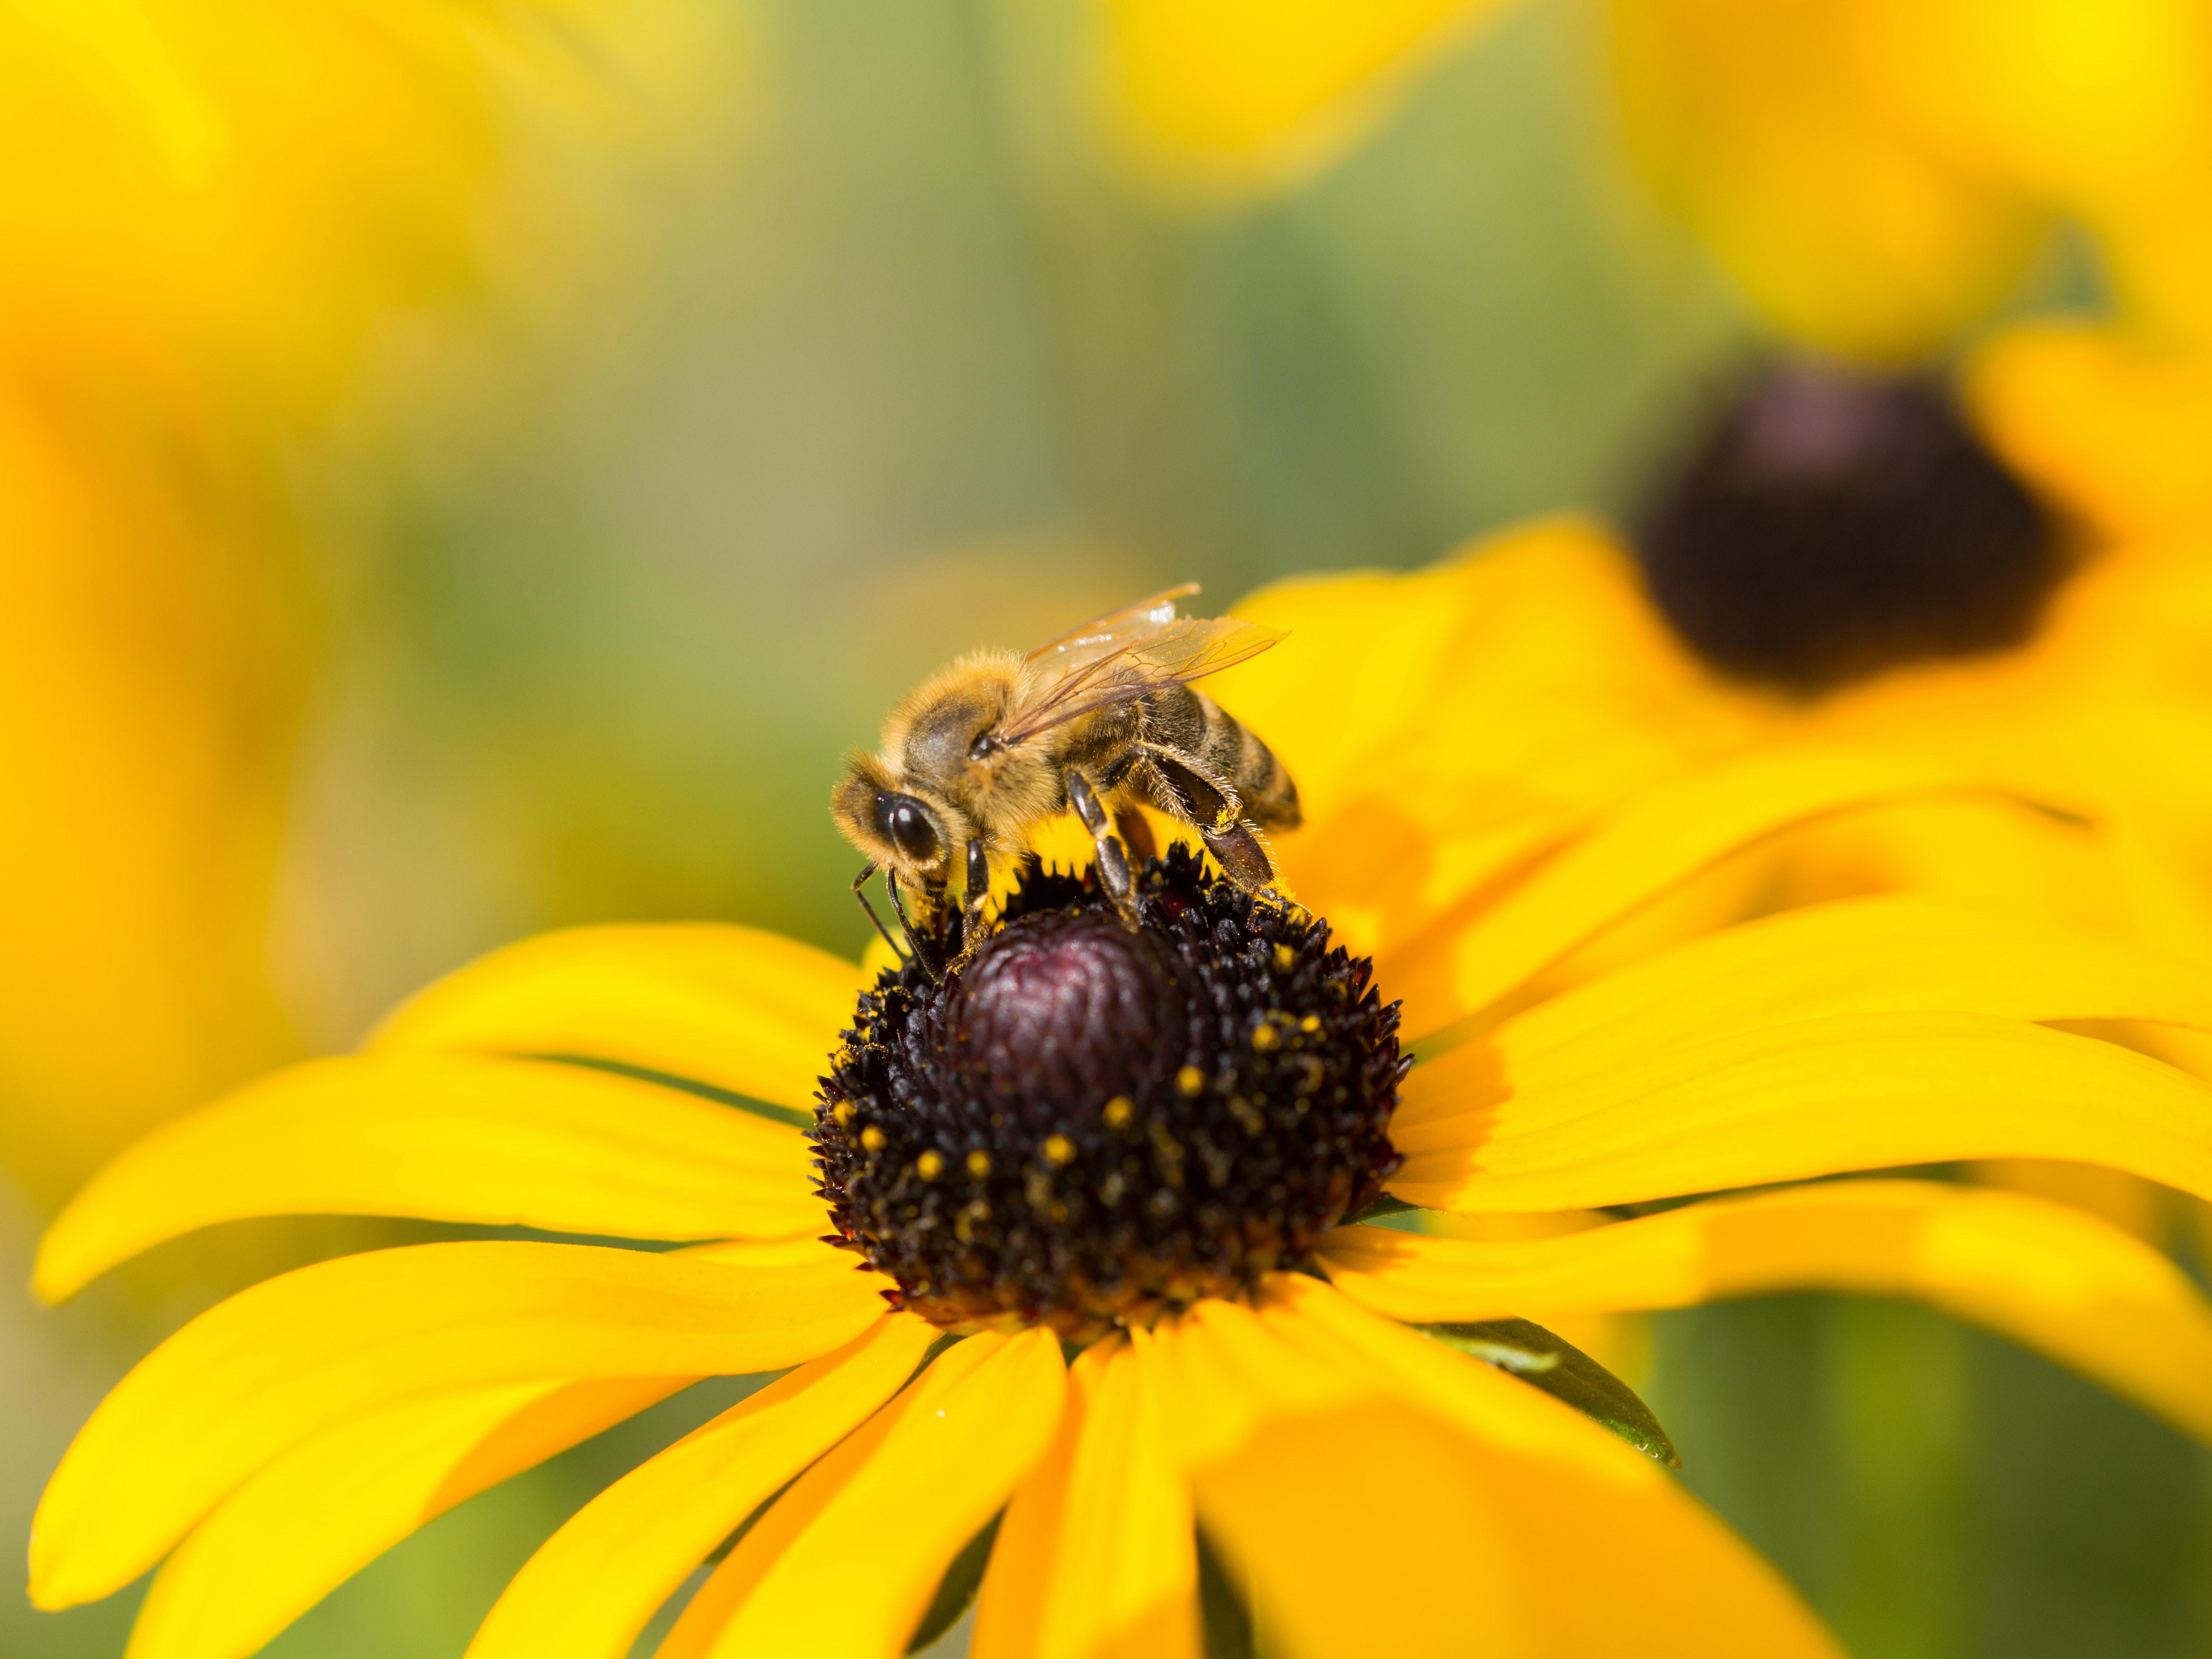 Biene blume symbolbild studieren und arbeiten.ad9d40872153d1562dbea4708e9ec7790